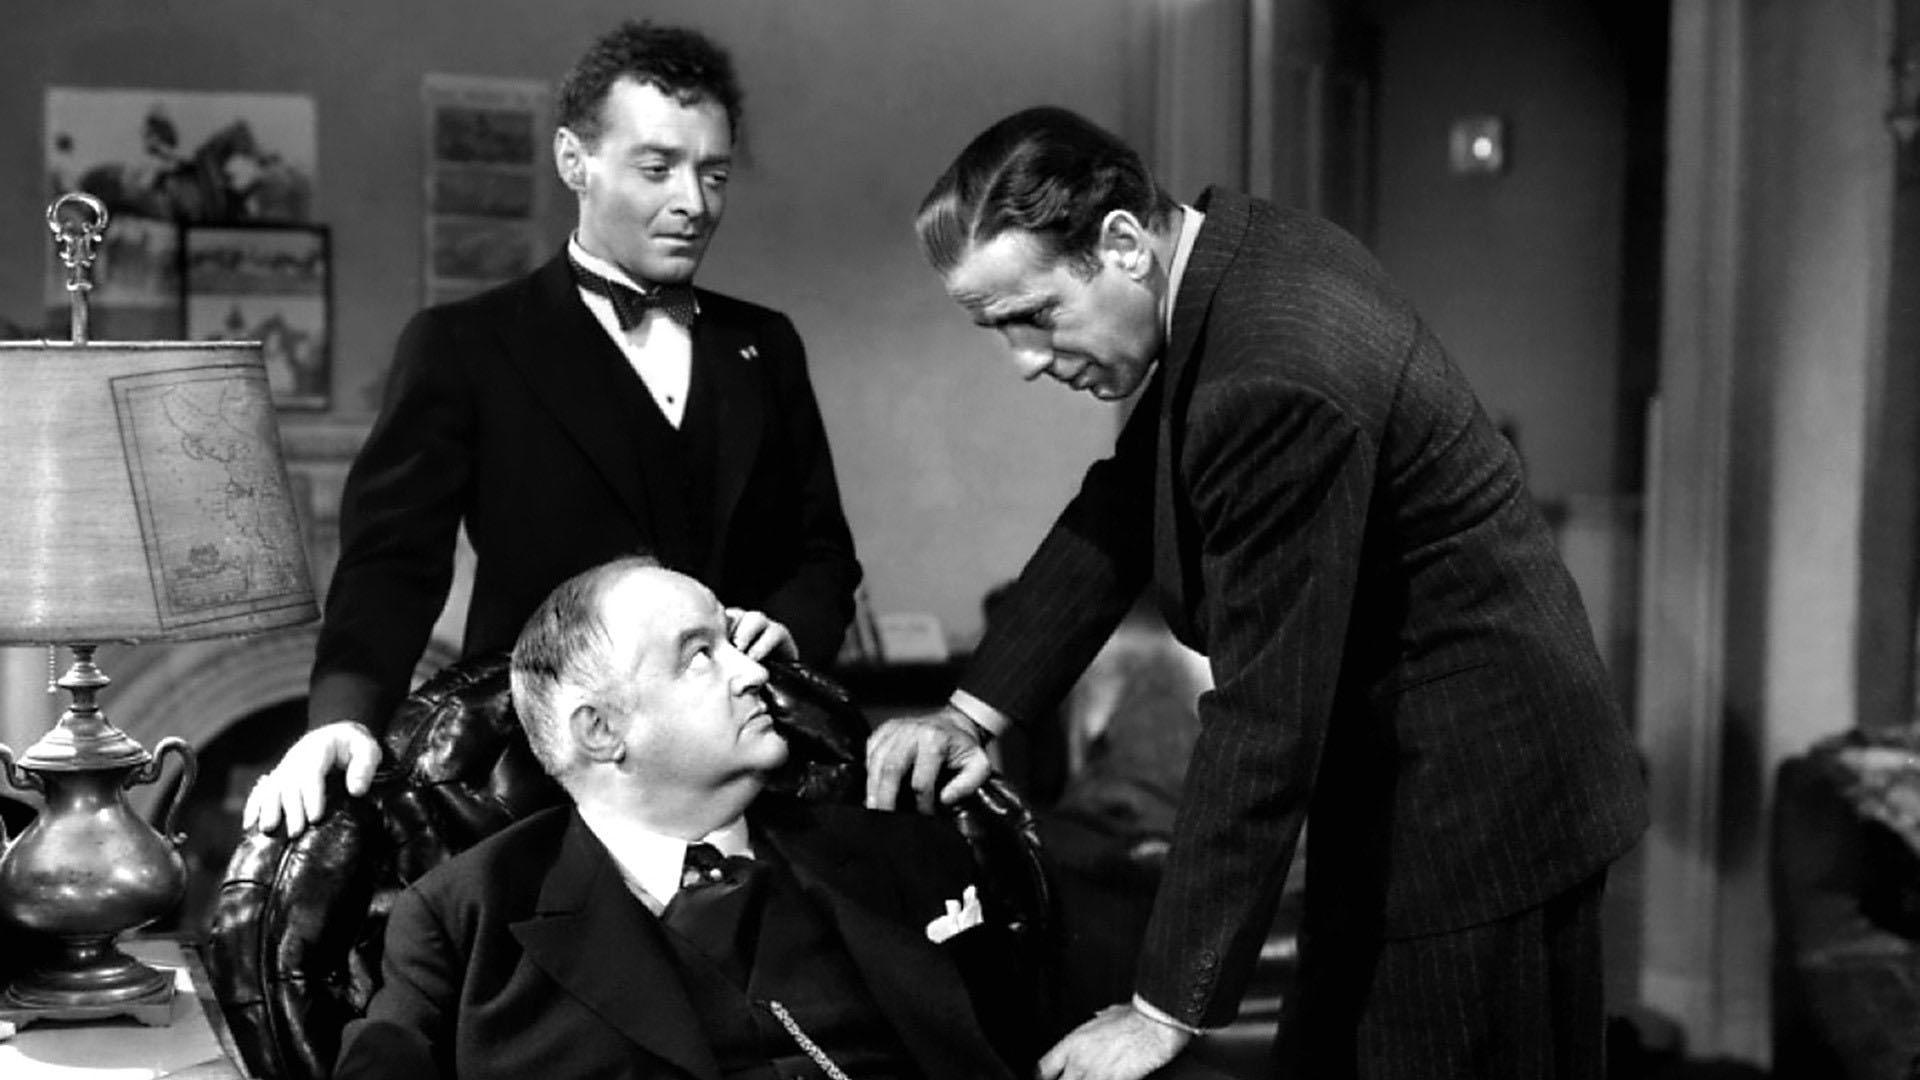 A scene from The Maltese Falcon